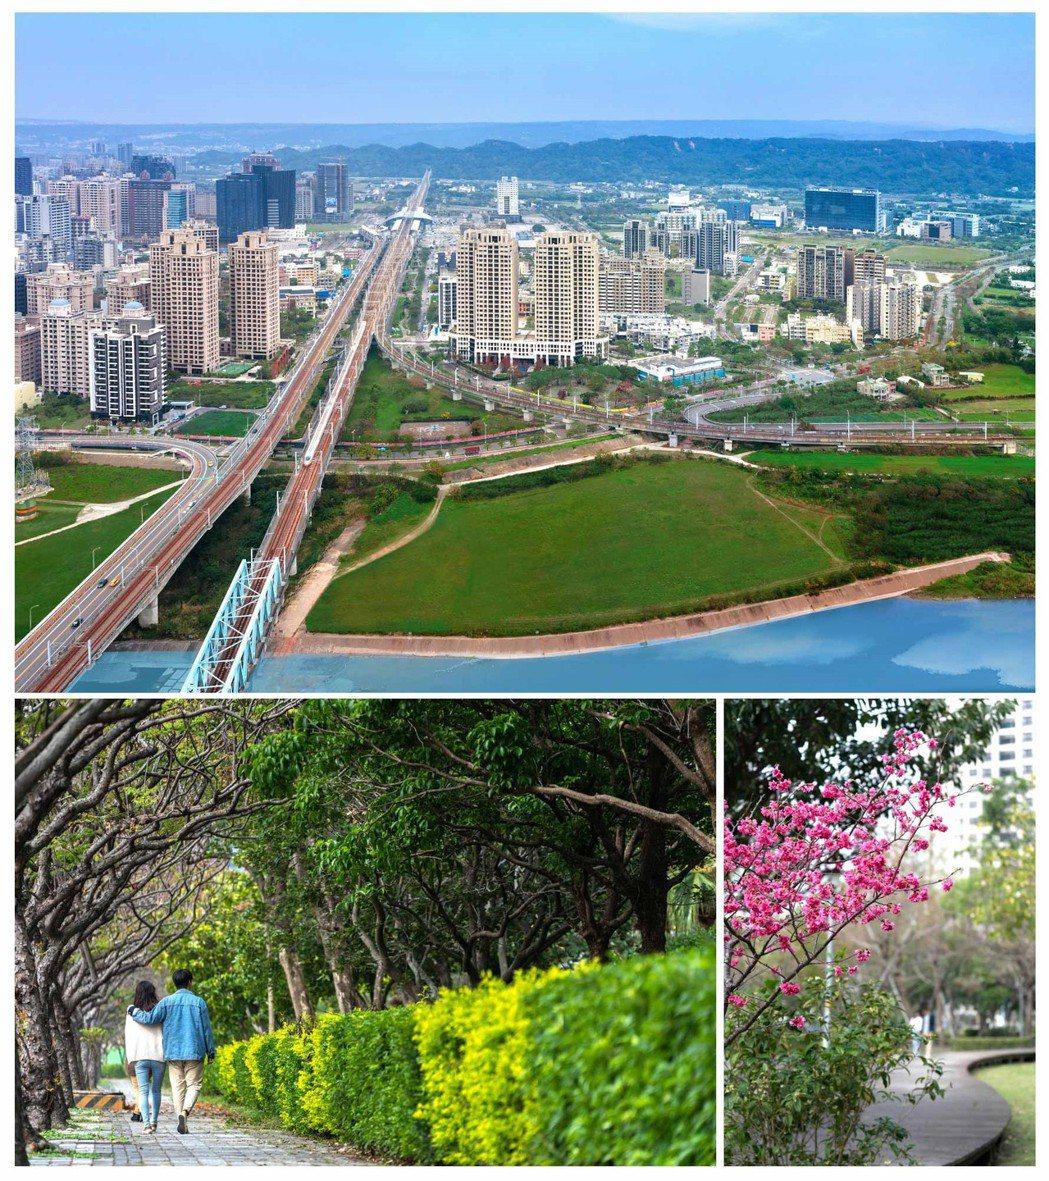 改造頭前溪北岸花海景觀計畫,加值竹北高鐵特區周邊建案身價。